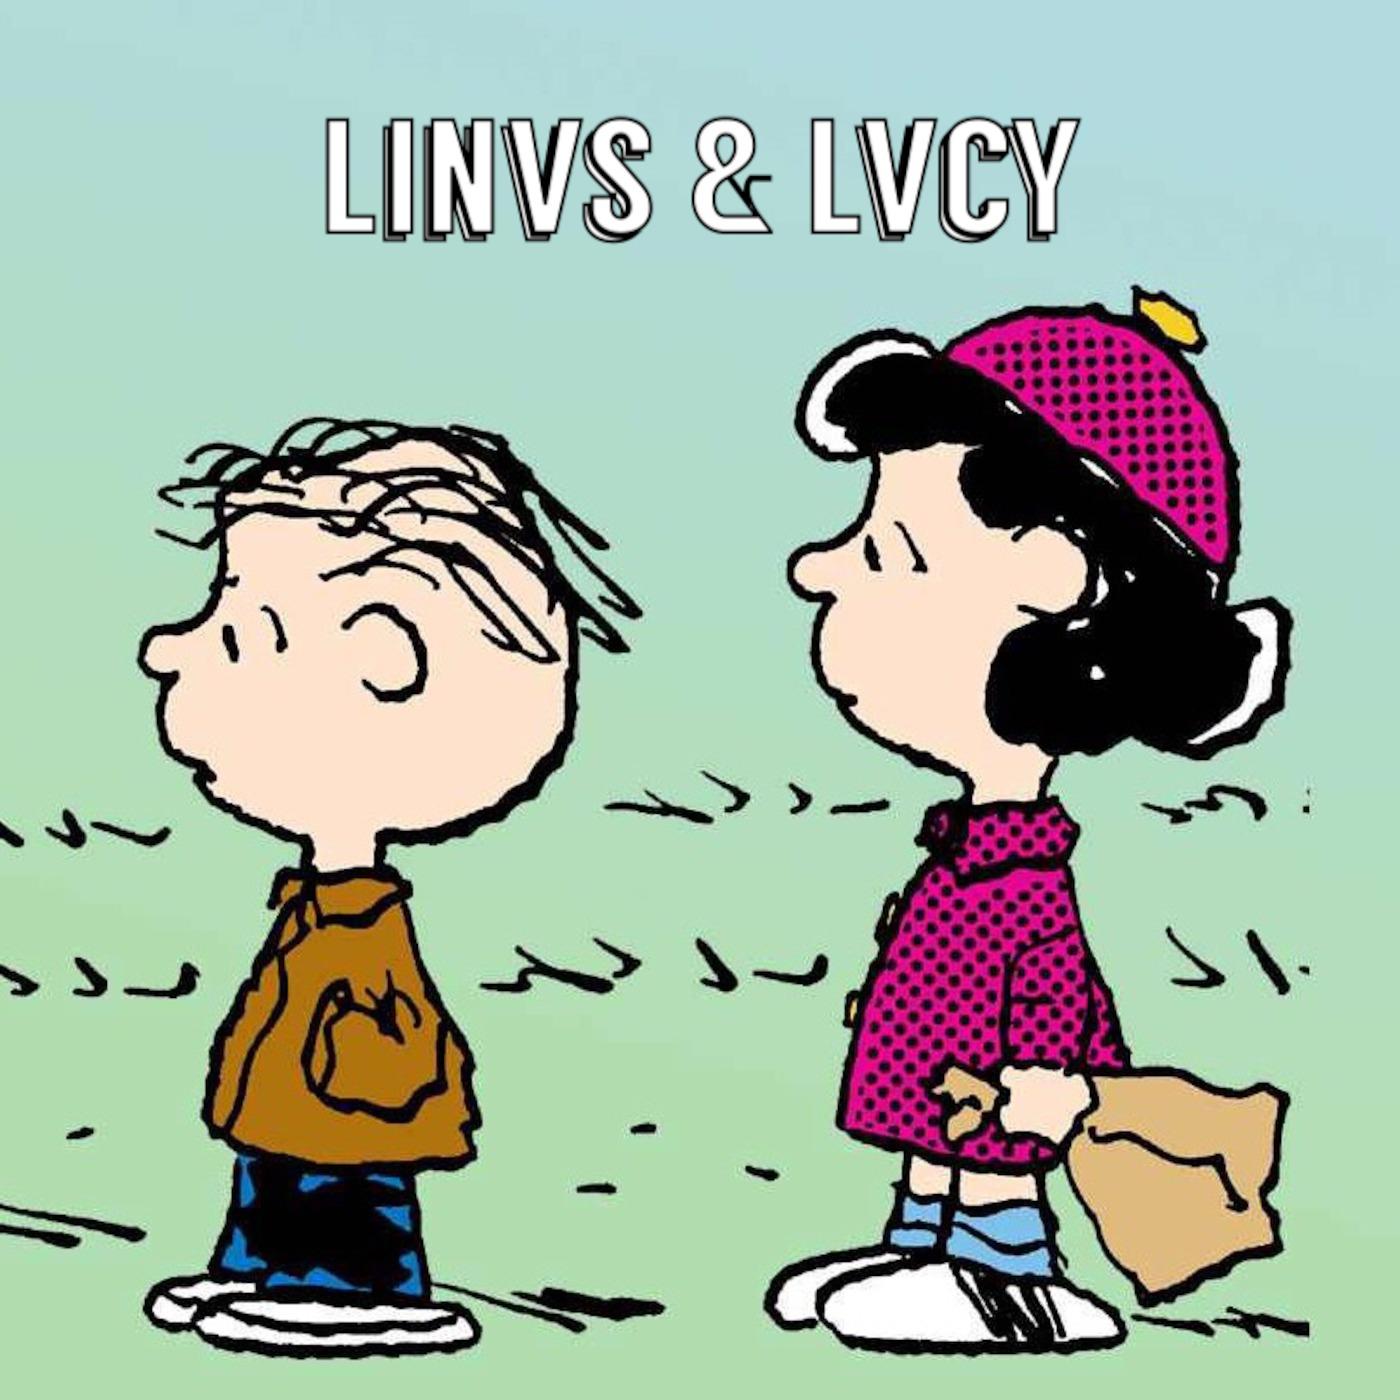 Linvs & Lvcy